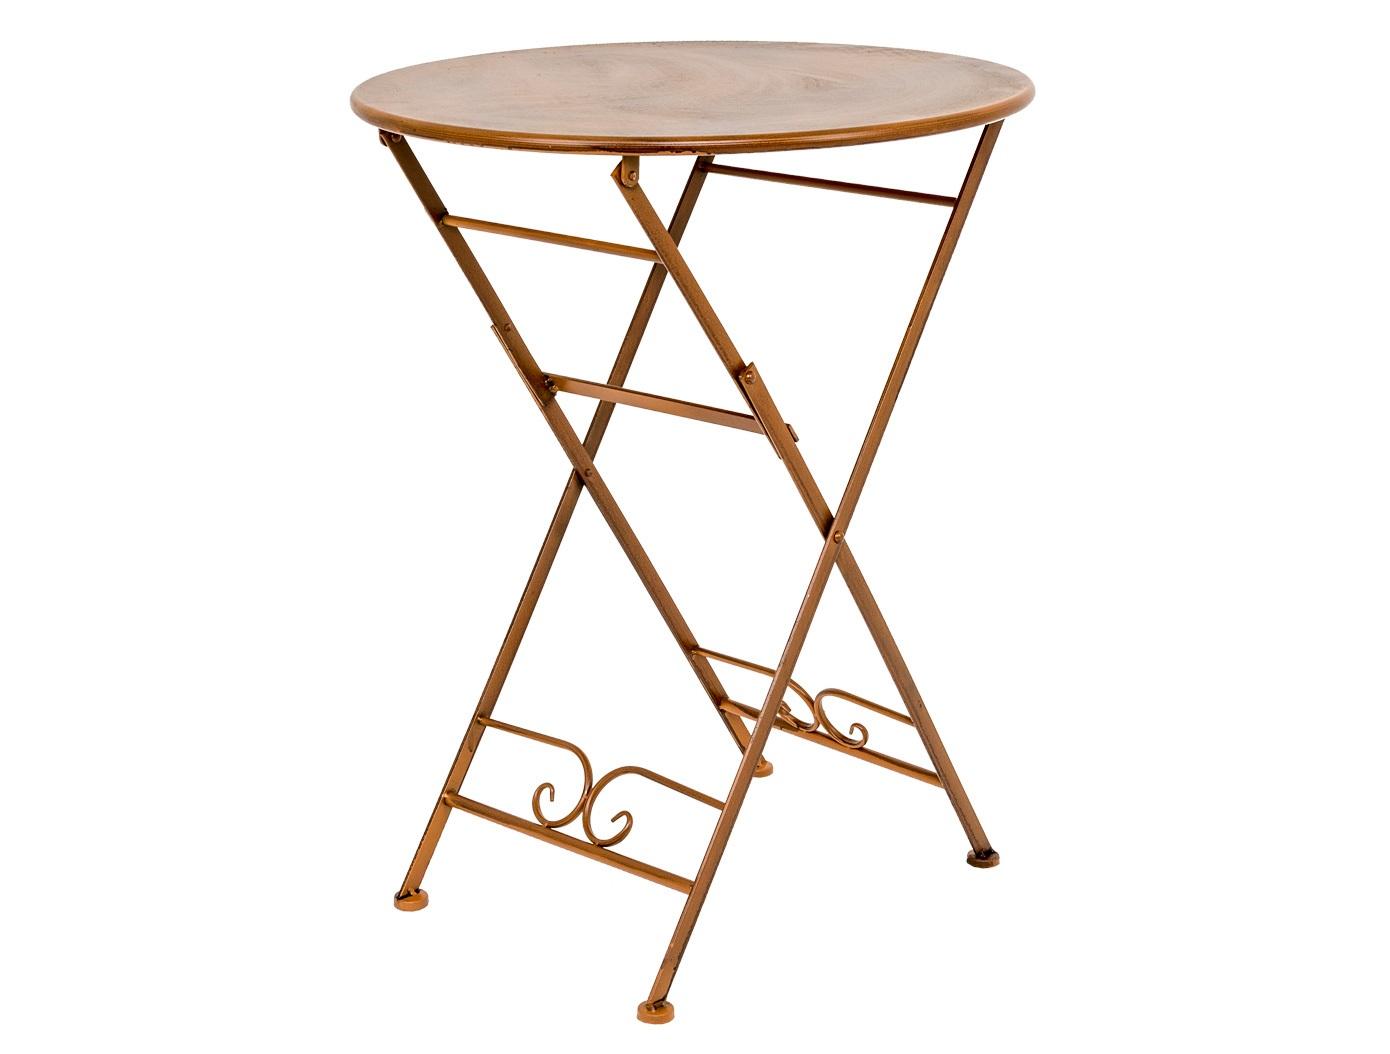 Складной столик для завтрака «Жарден»Столы и столики для сада<br>Скромный вес и складная конструкция столика «Жарден» позволяют легко перемещать его в нужное место. Конструкция максимально комфортабельна: столик складывается единым легким движением, в сложенном виде он компактен для хранения и легок для перемещений.&amp;amp;nbsp;&amp;lt;div&amp;gt;Металлическая мебель неприхотлива в уходе, прочна и долговечна. Она не боится царапин и трещин, не рассыхается. &amp;lt;/div&amp;gt;<br><br>Material: Металл<br>Высота см: 74.0